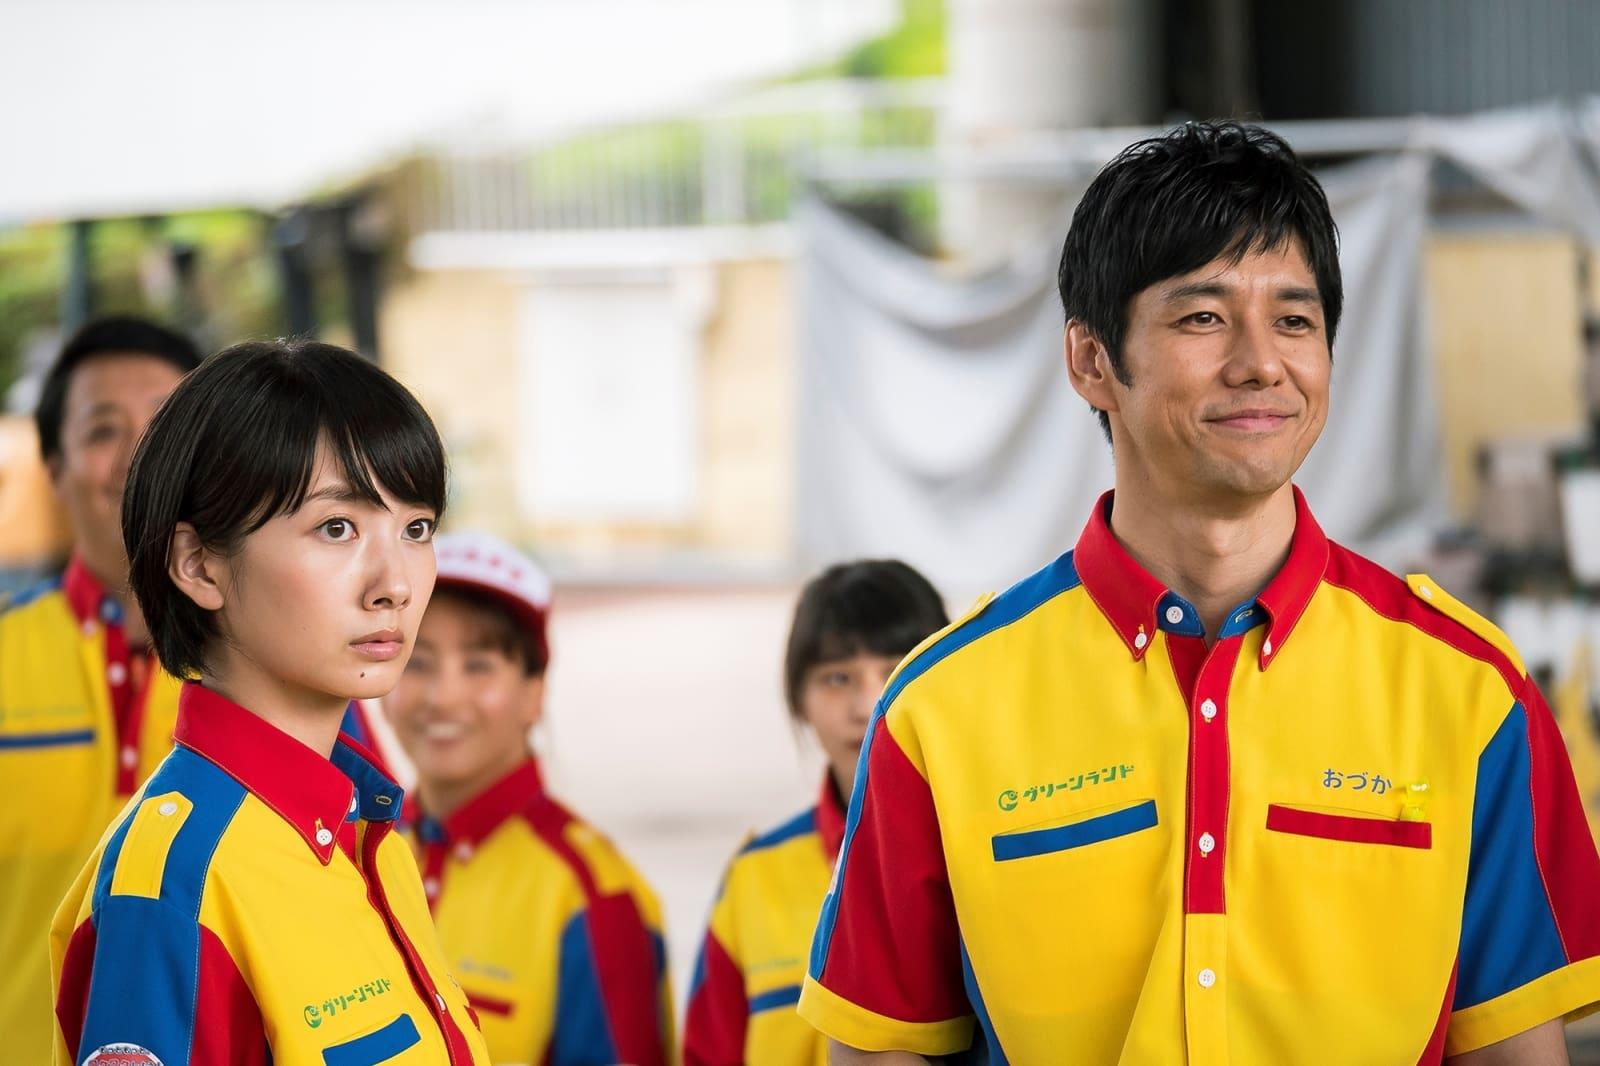 グリーンランドの制服姿で出演する波瑠さん(左)と西島秀俊さん